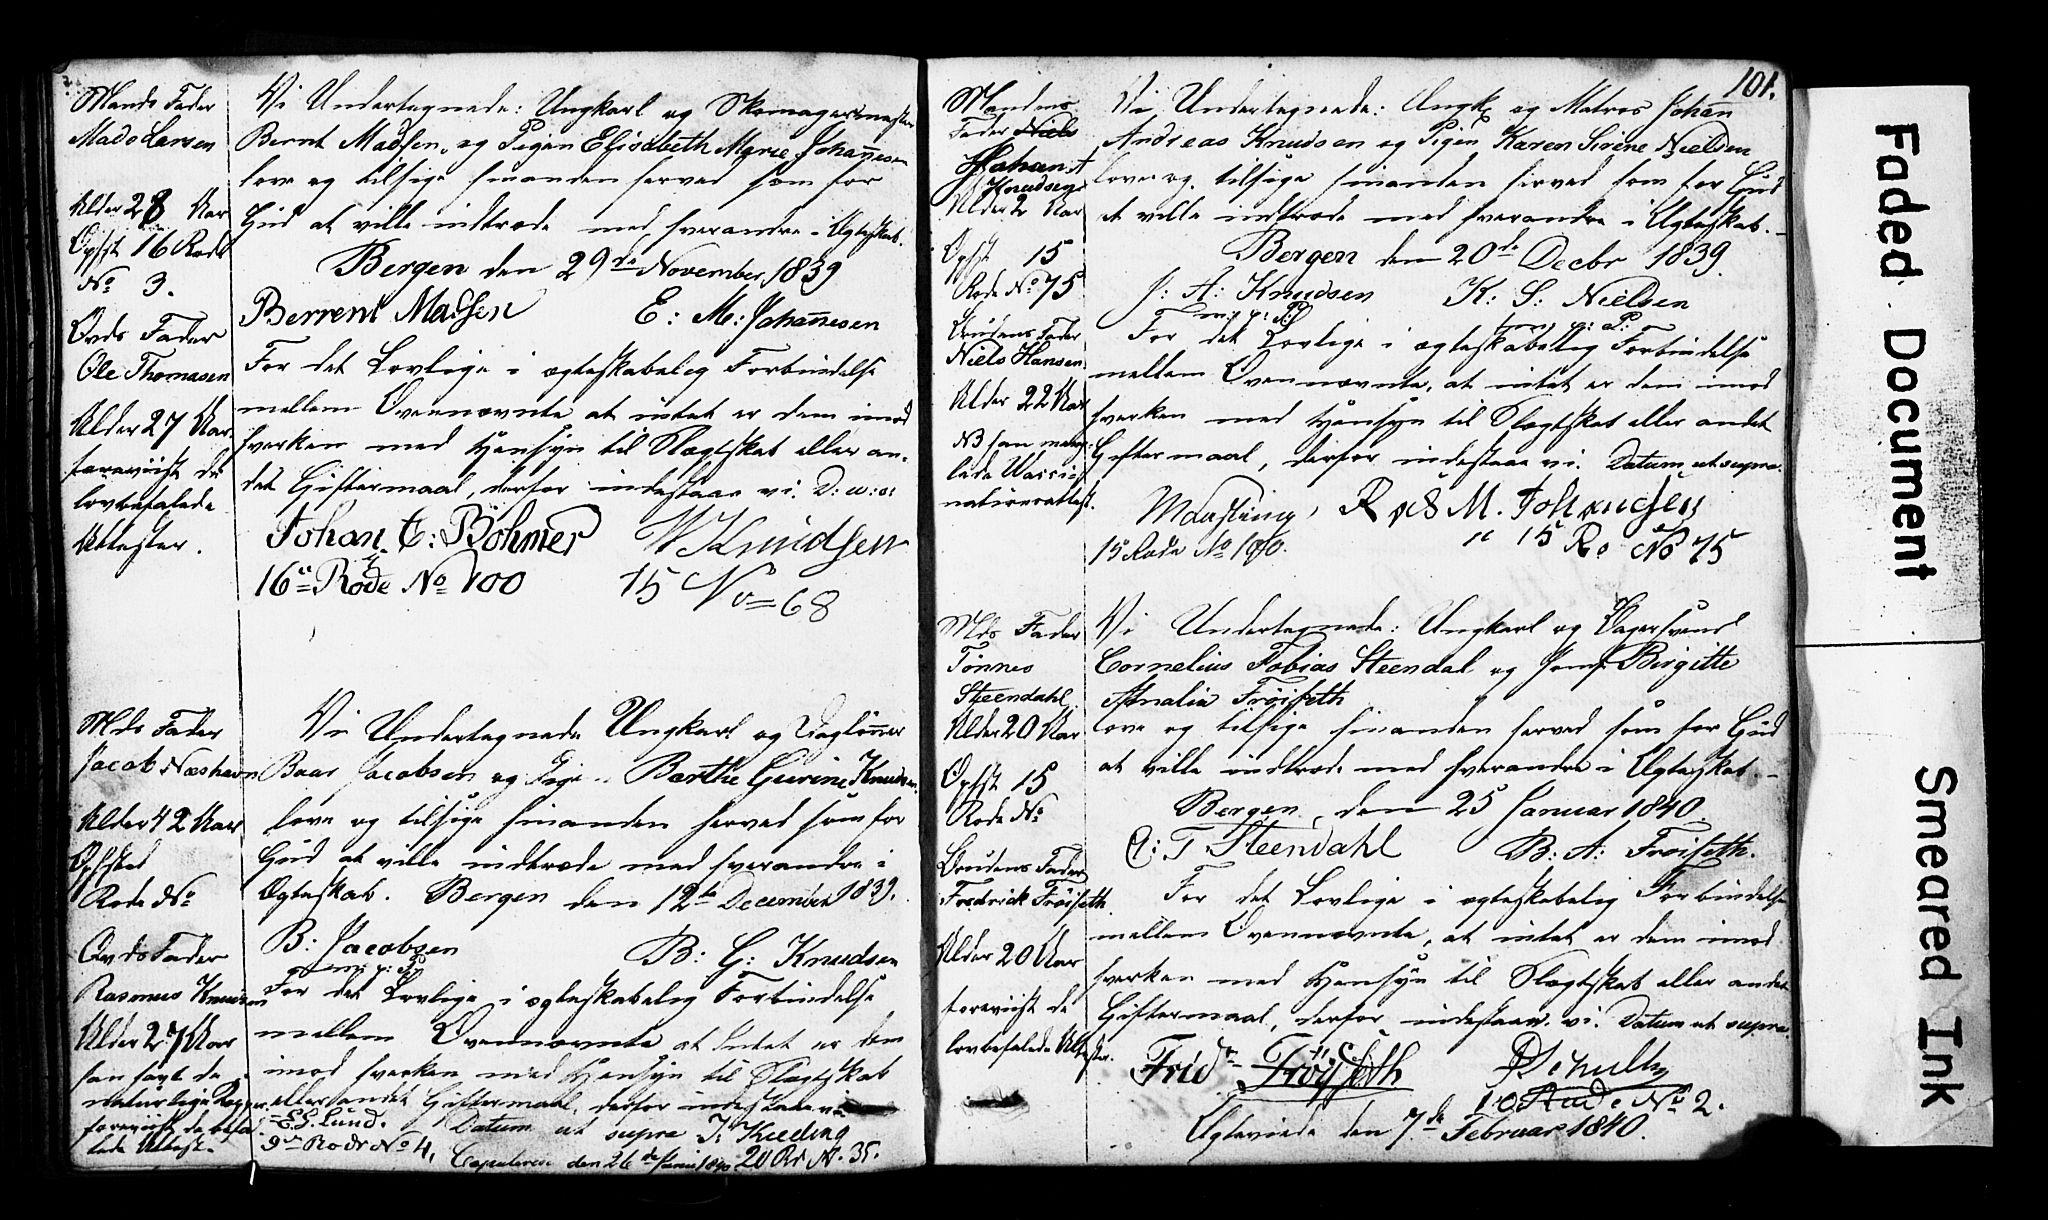 SAB, Domkirken Sokneprestembete, Forlovererklæringer nr. II.5.3, 1832-1845, s. 101